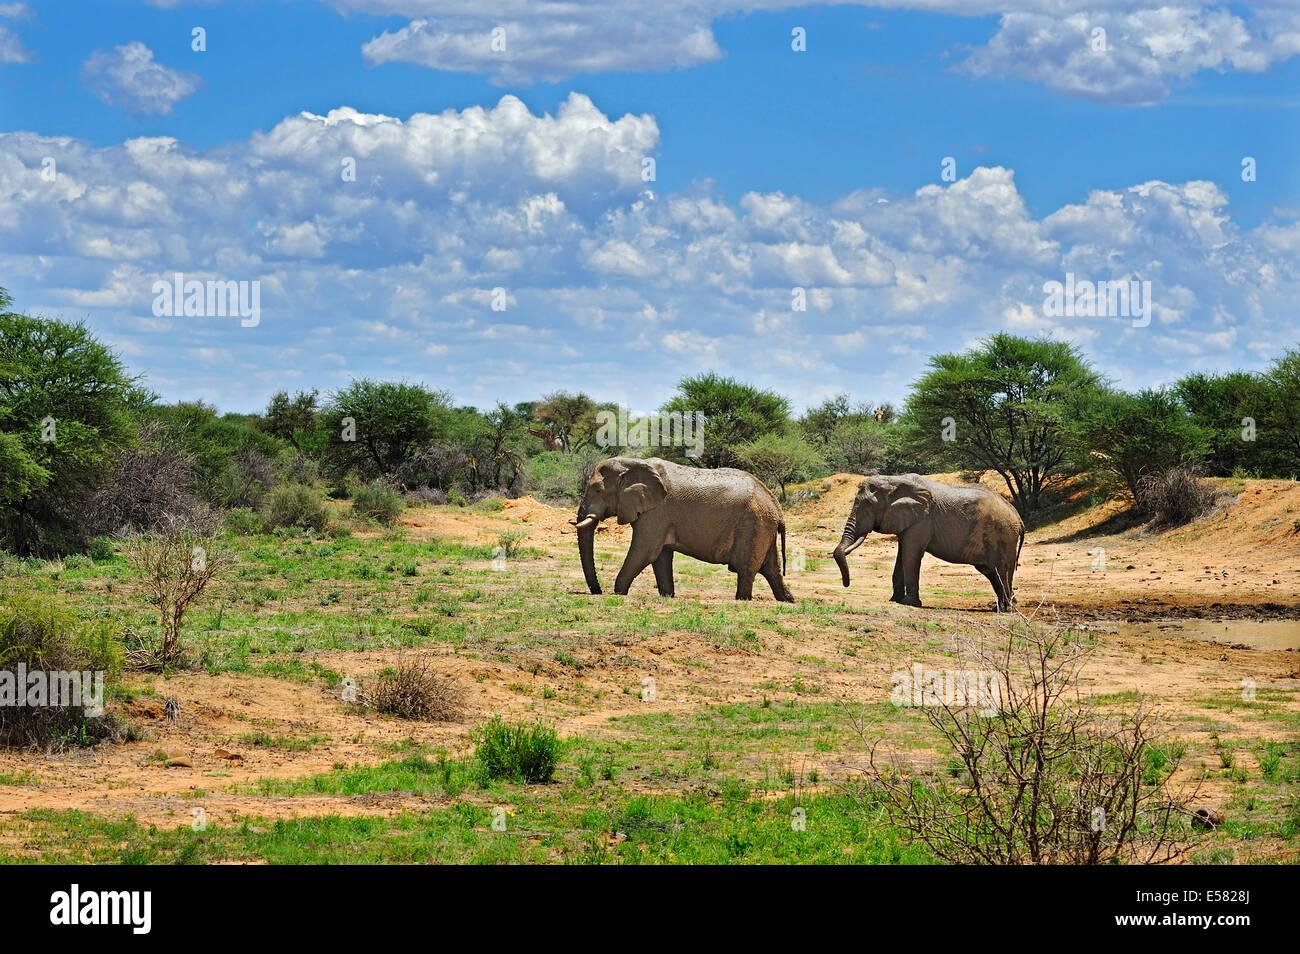 Les éléphants d'Afrique (Loxodonta africana), Savannah, Erindi Game Reserve, Namibie Photo Stock